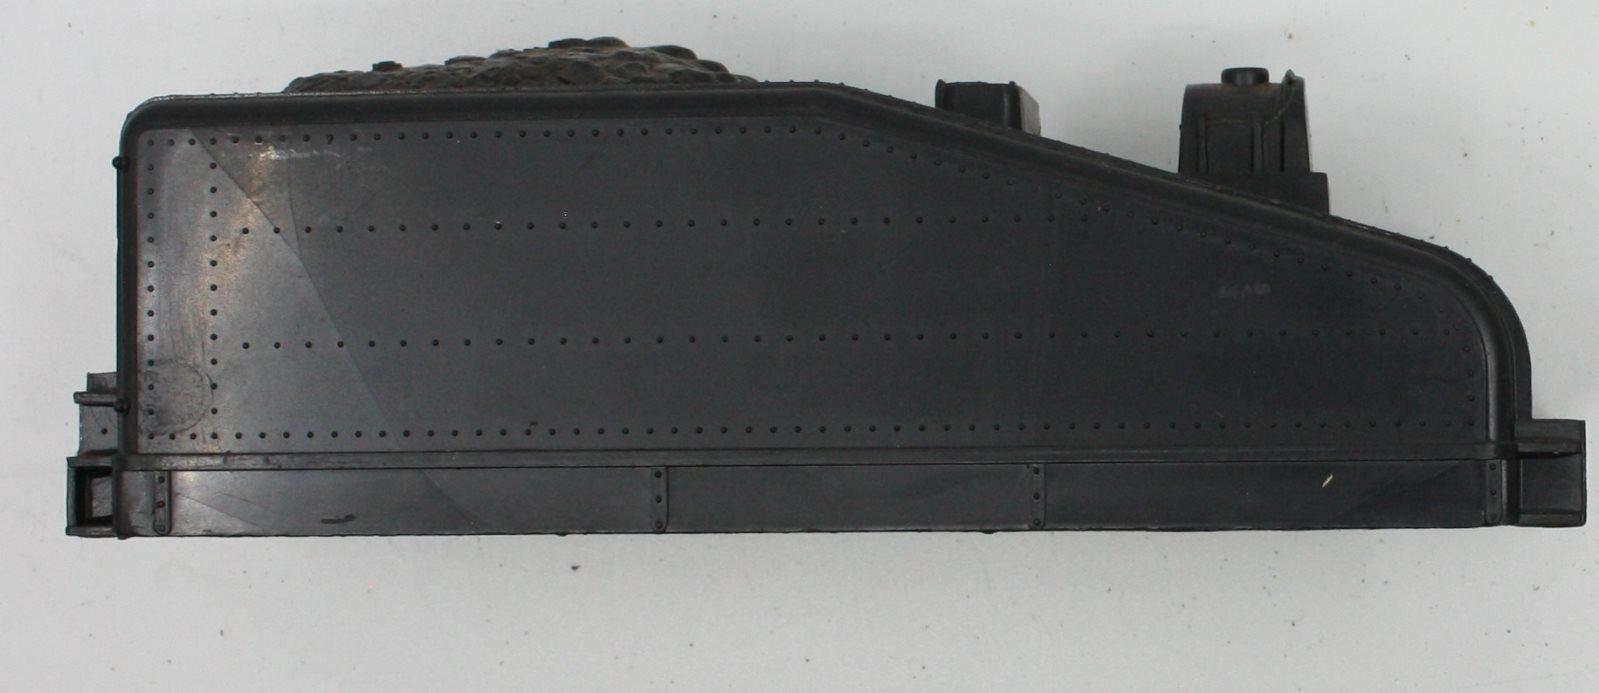 LIONEL PART-  701T H38 SLOPE BACK TENDER RAILING SET GOOD